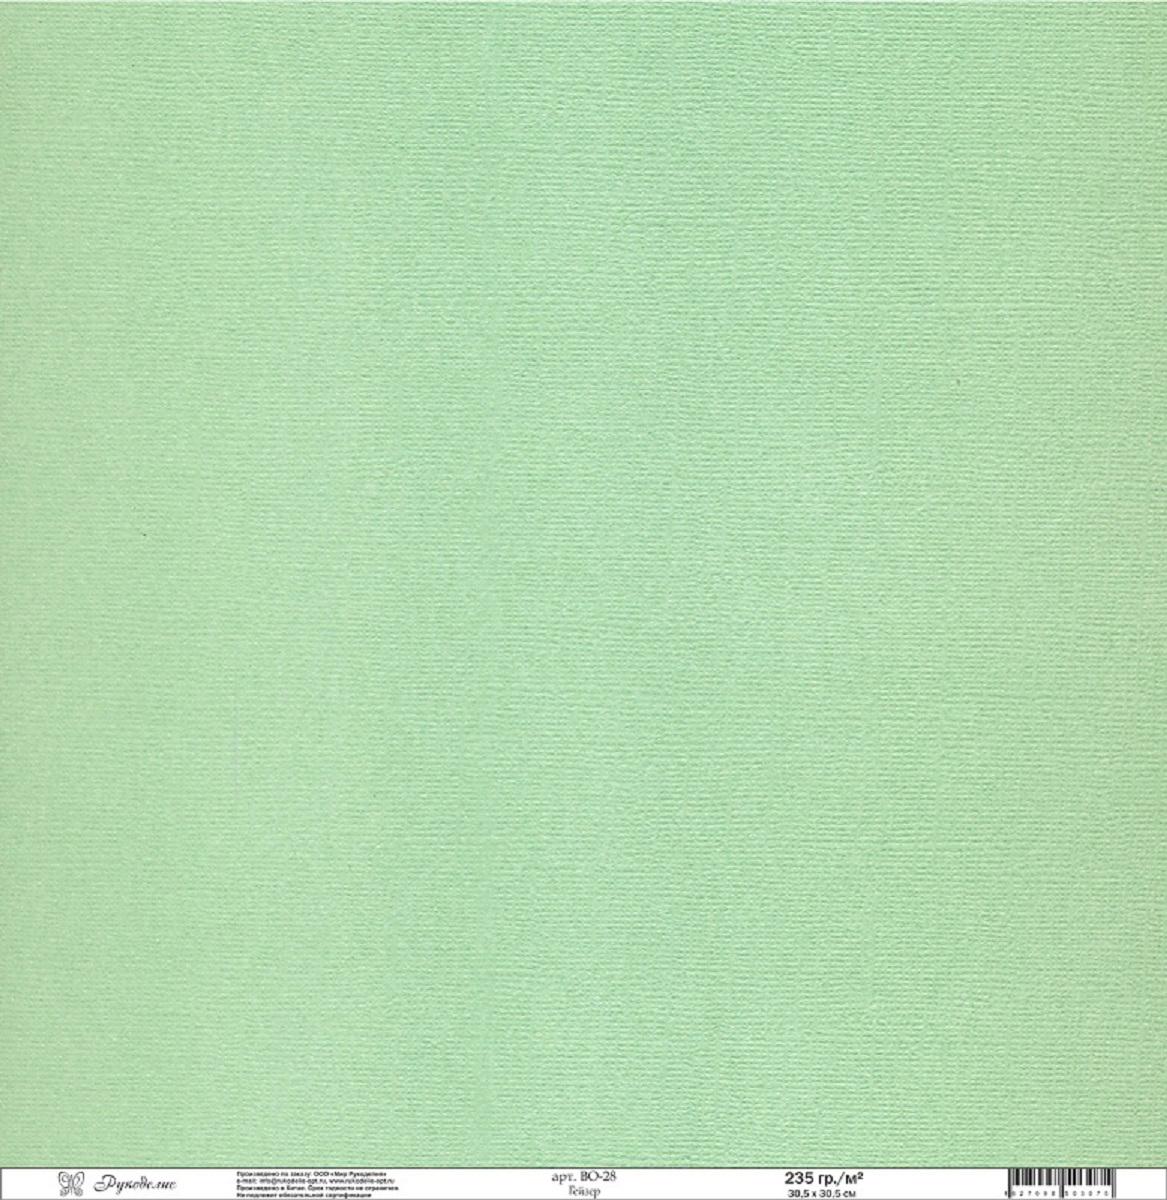 Бумага текстурированная Рукоделие Гейзер, 30,5 х 30,5 см, 10 листовBO-28Бумага для скрапбукинга односторонняя. Набор текстурированной бумаги позволит создать красивый альбом, фоторамку или открытку ручной работы, оформить подарок или аппликацию. В наборе: 10 листов. Плотность: 235 г/м2.